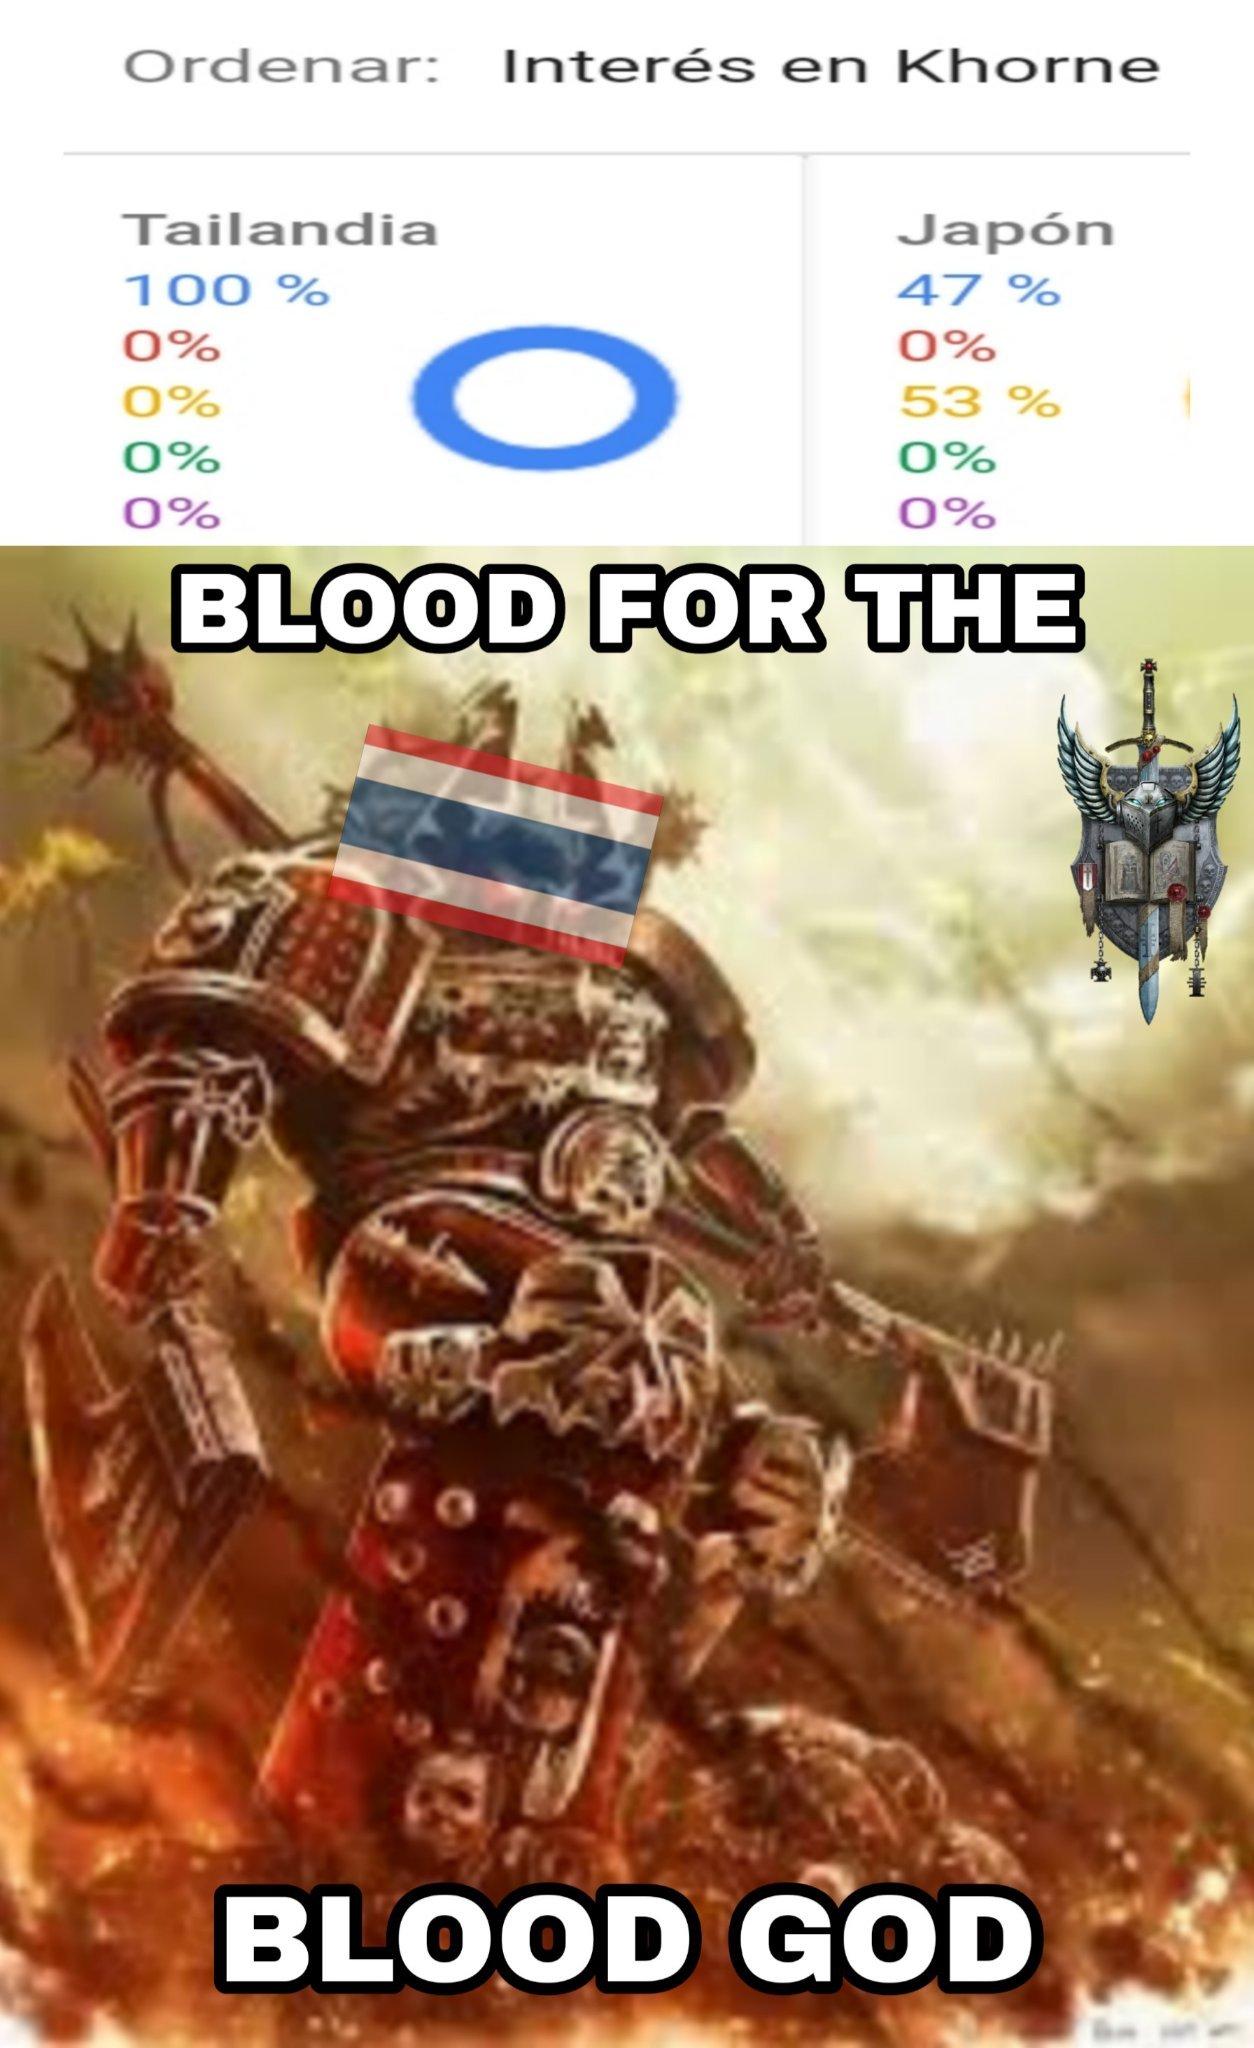 Hay que purgar Tailandia, supongo - meme